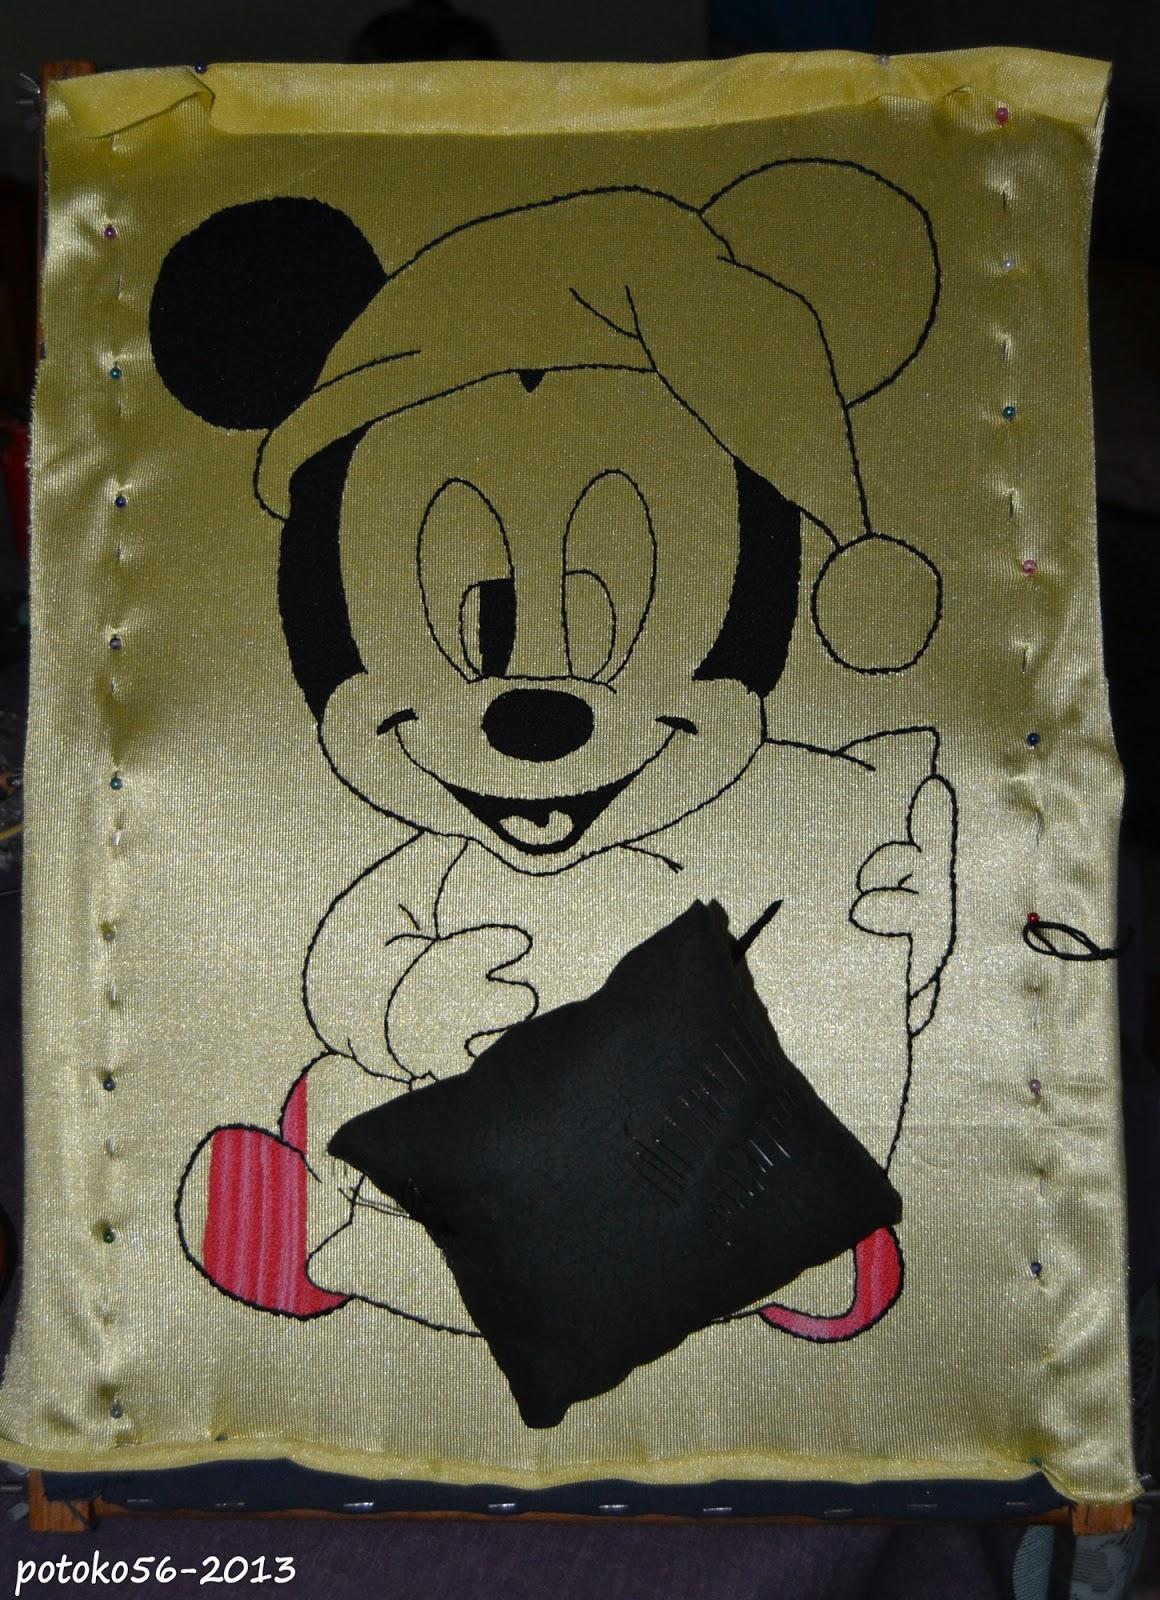 Bordando un Mickey Mouse